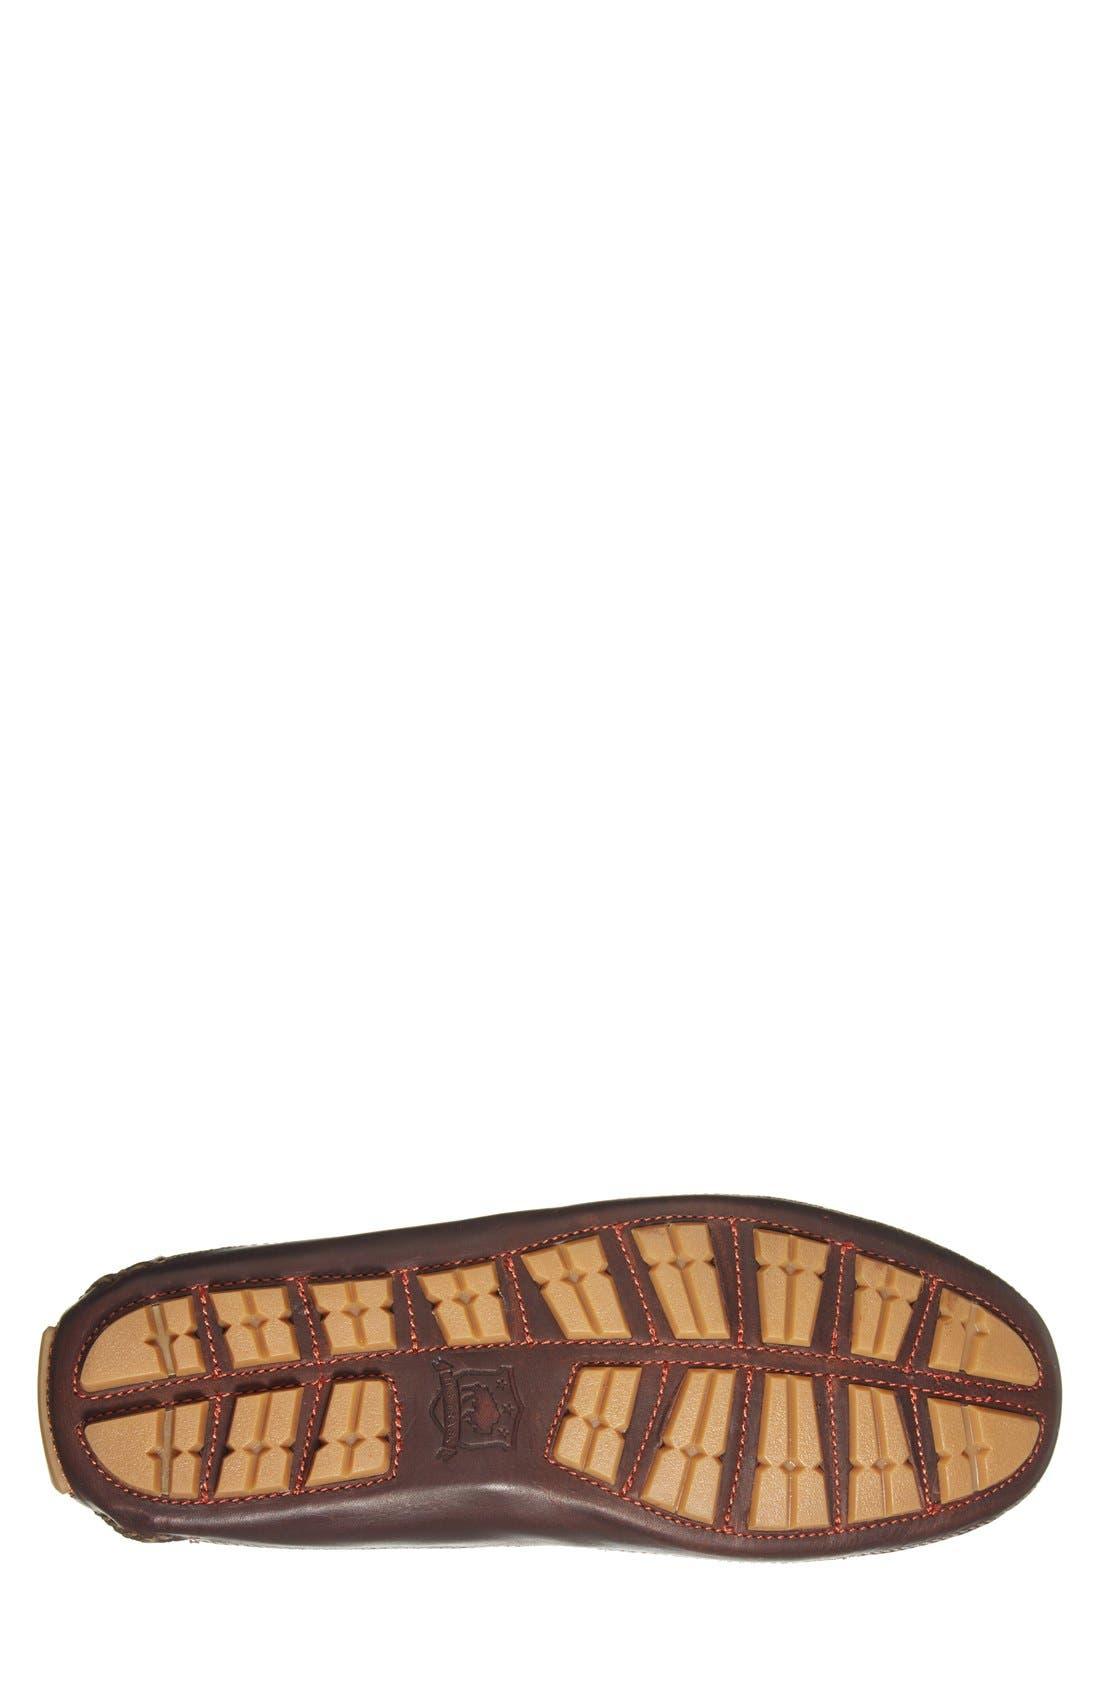 'Drake' Leather Driving Shoe,                             Alternate thumbnail 32, color,